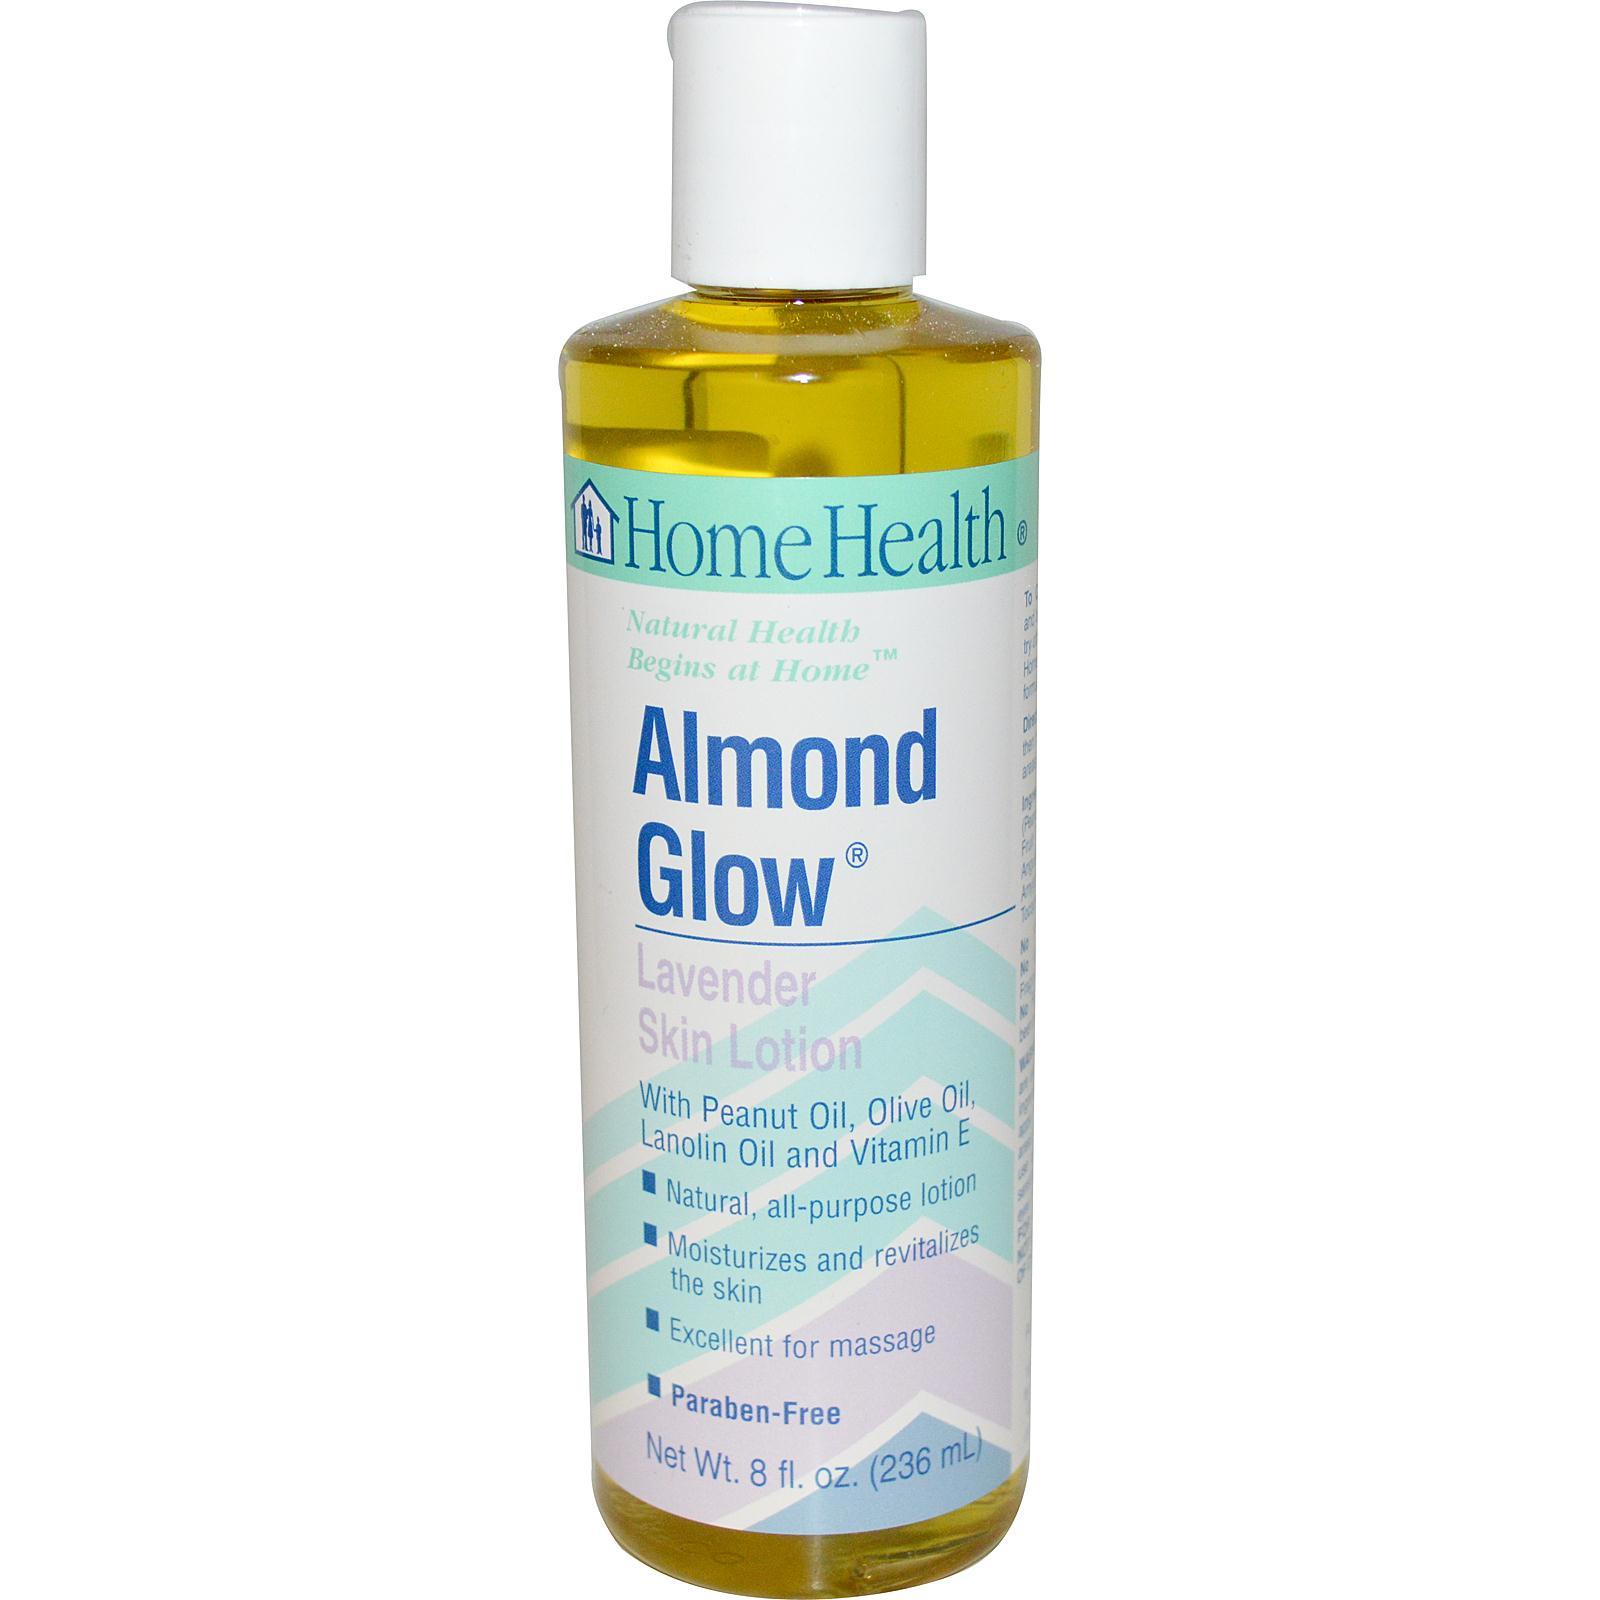 Home Health Almond Glow Lotion Lavender (1x8 Oz)